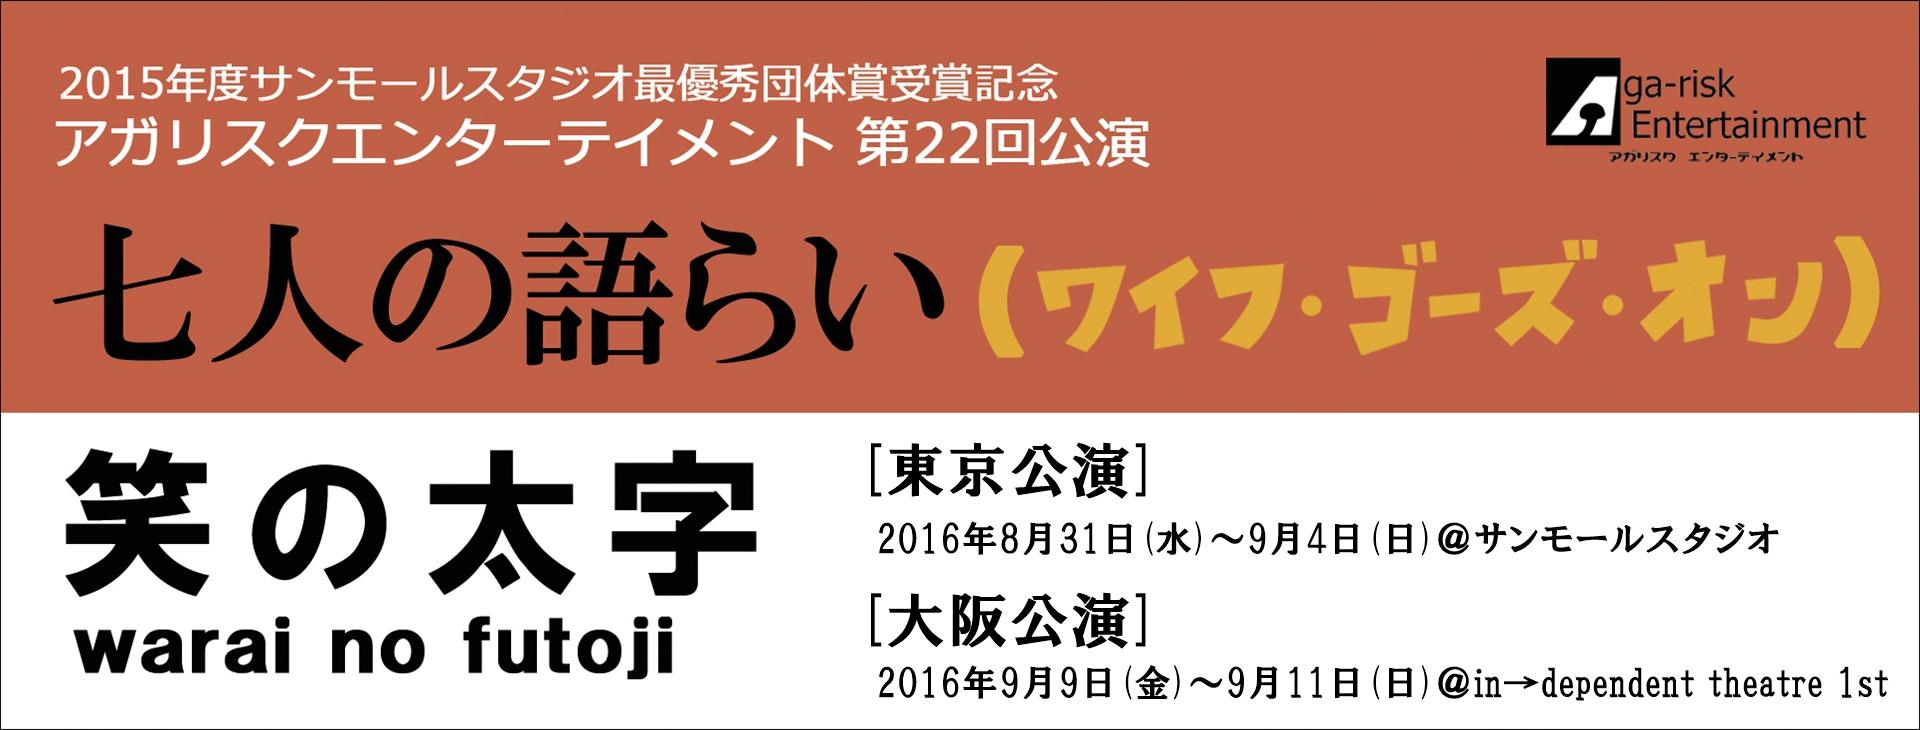 『七人の語らい(ワイフ・ゴーズ・オン)/笑いの太字』特設ページ